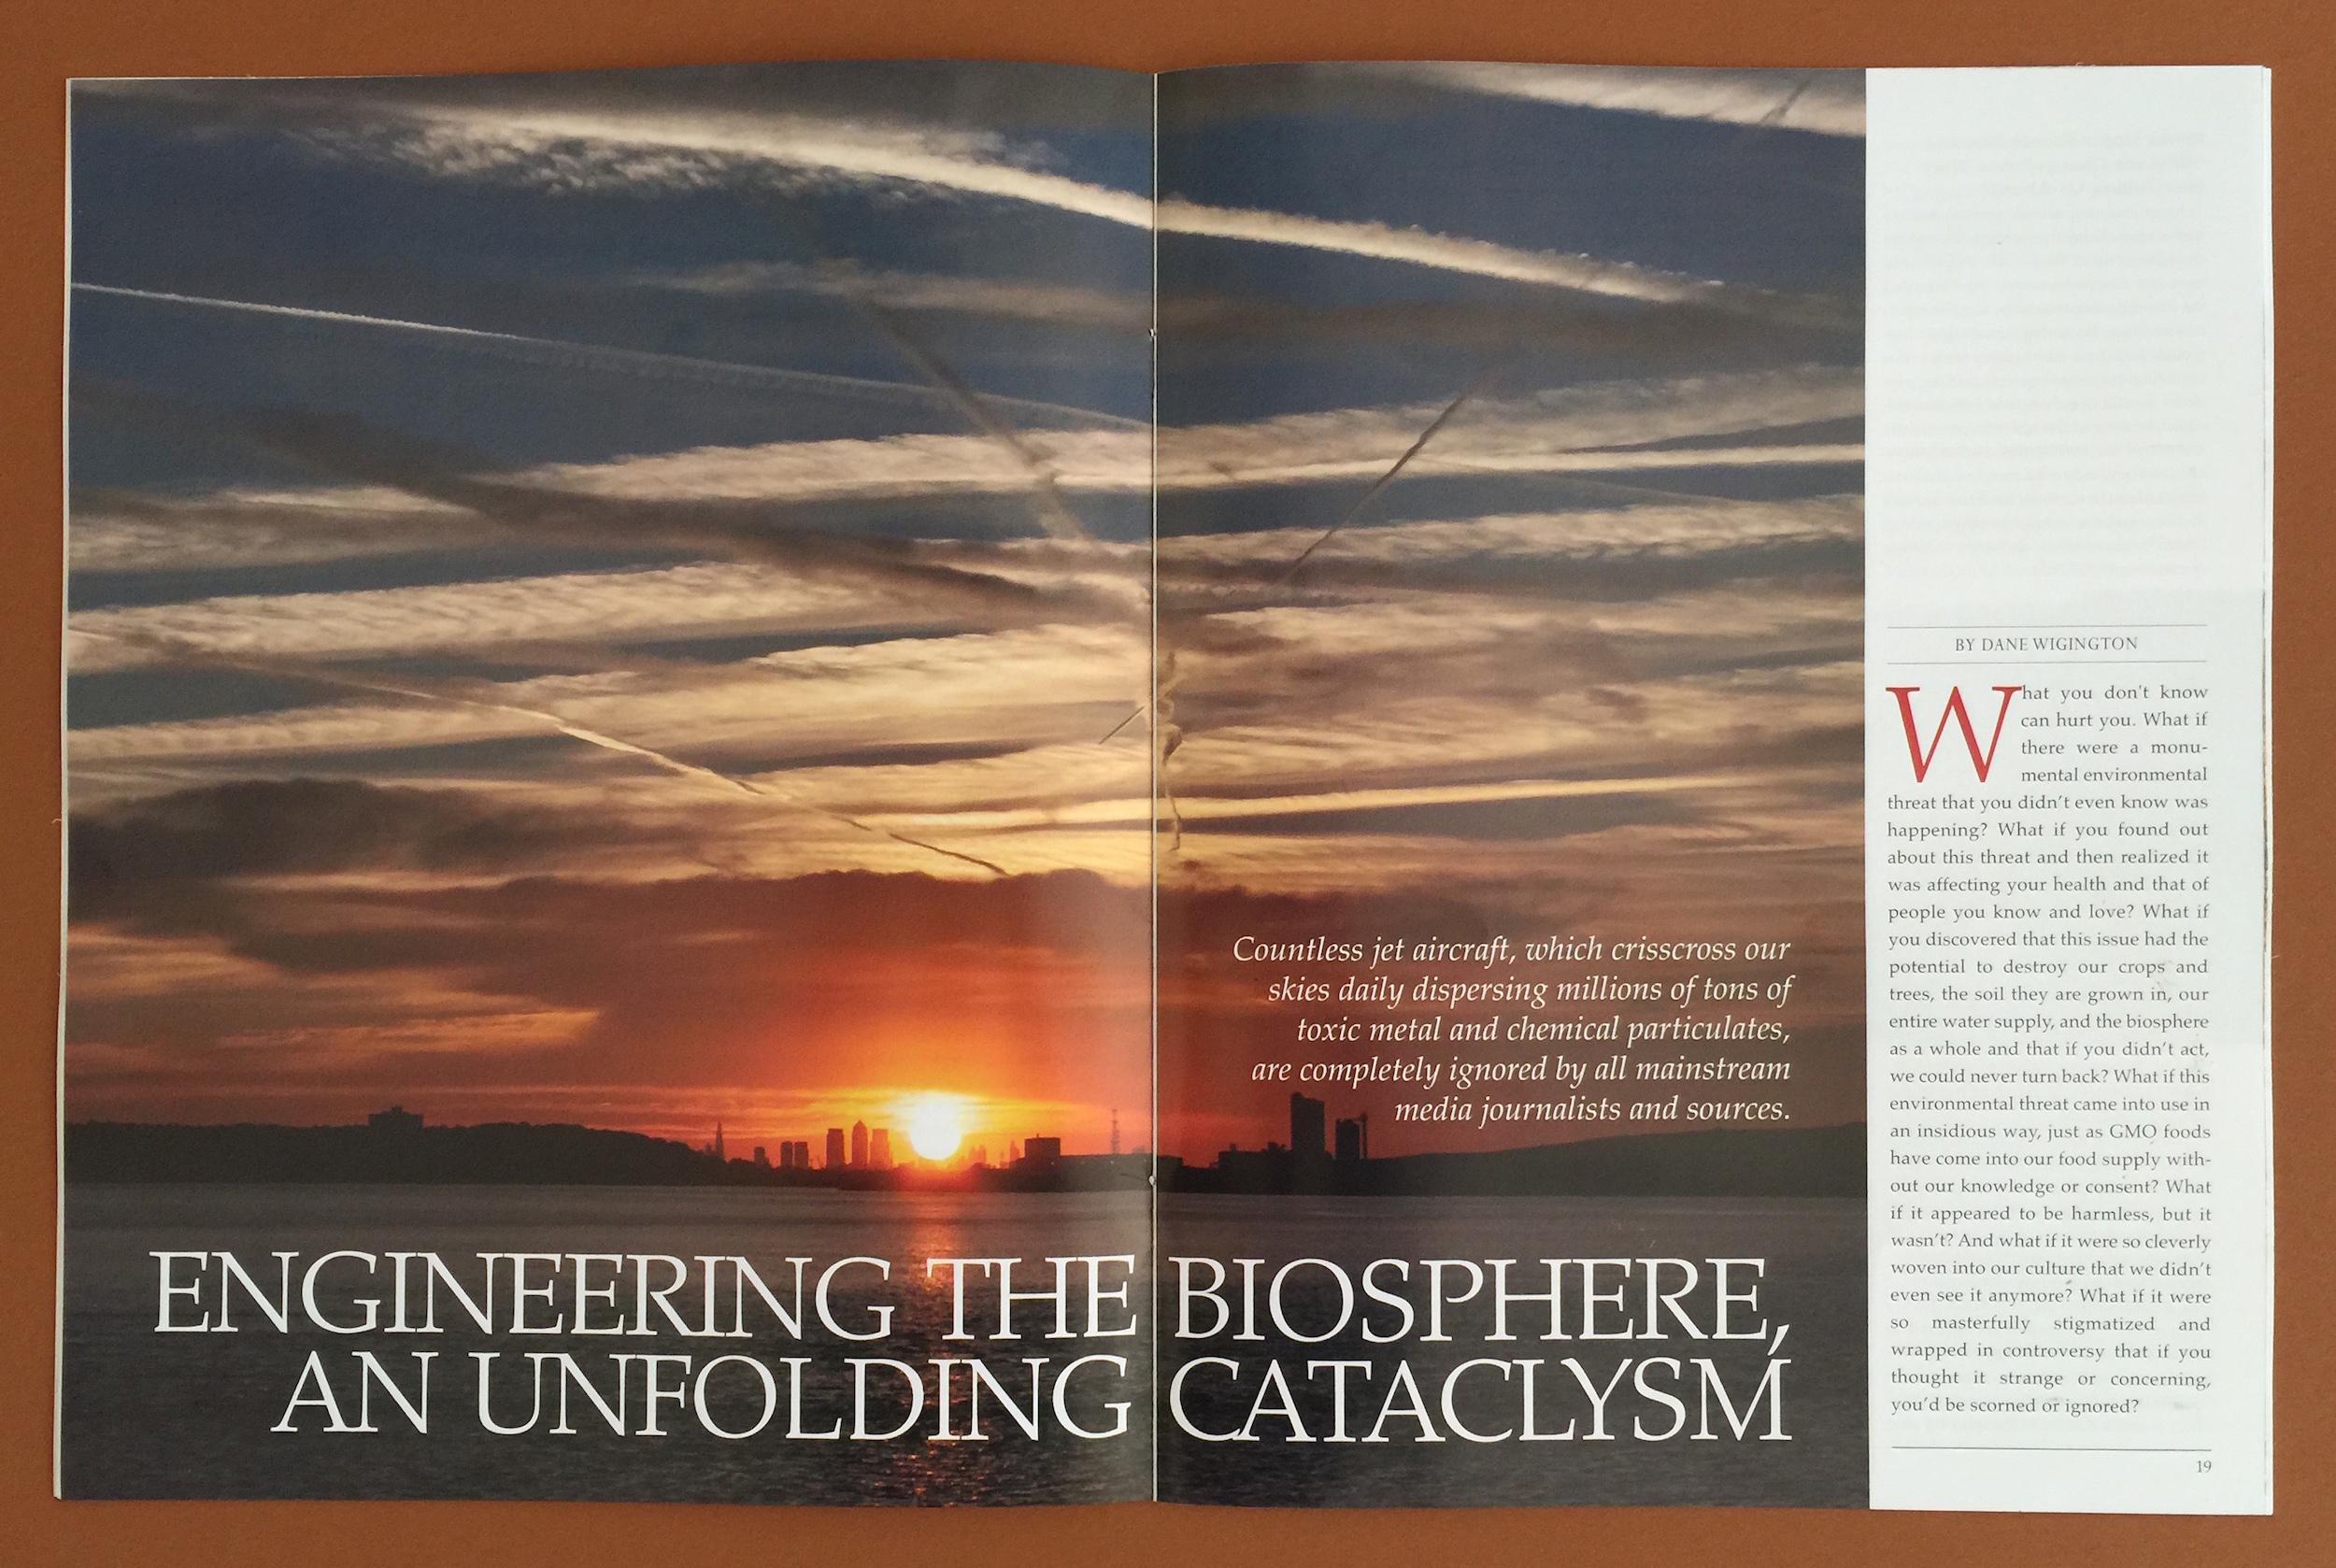 """La prestigiosa rivista scientifica """"Health freedom news"""" pubblica un articolo sulla geoingegneria clandestina"""